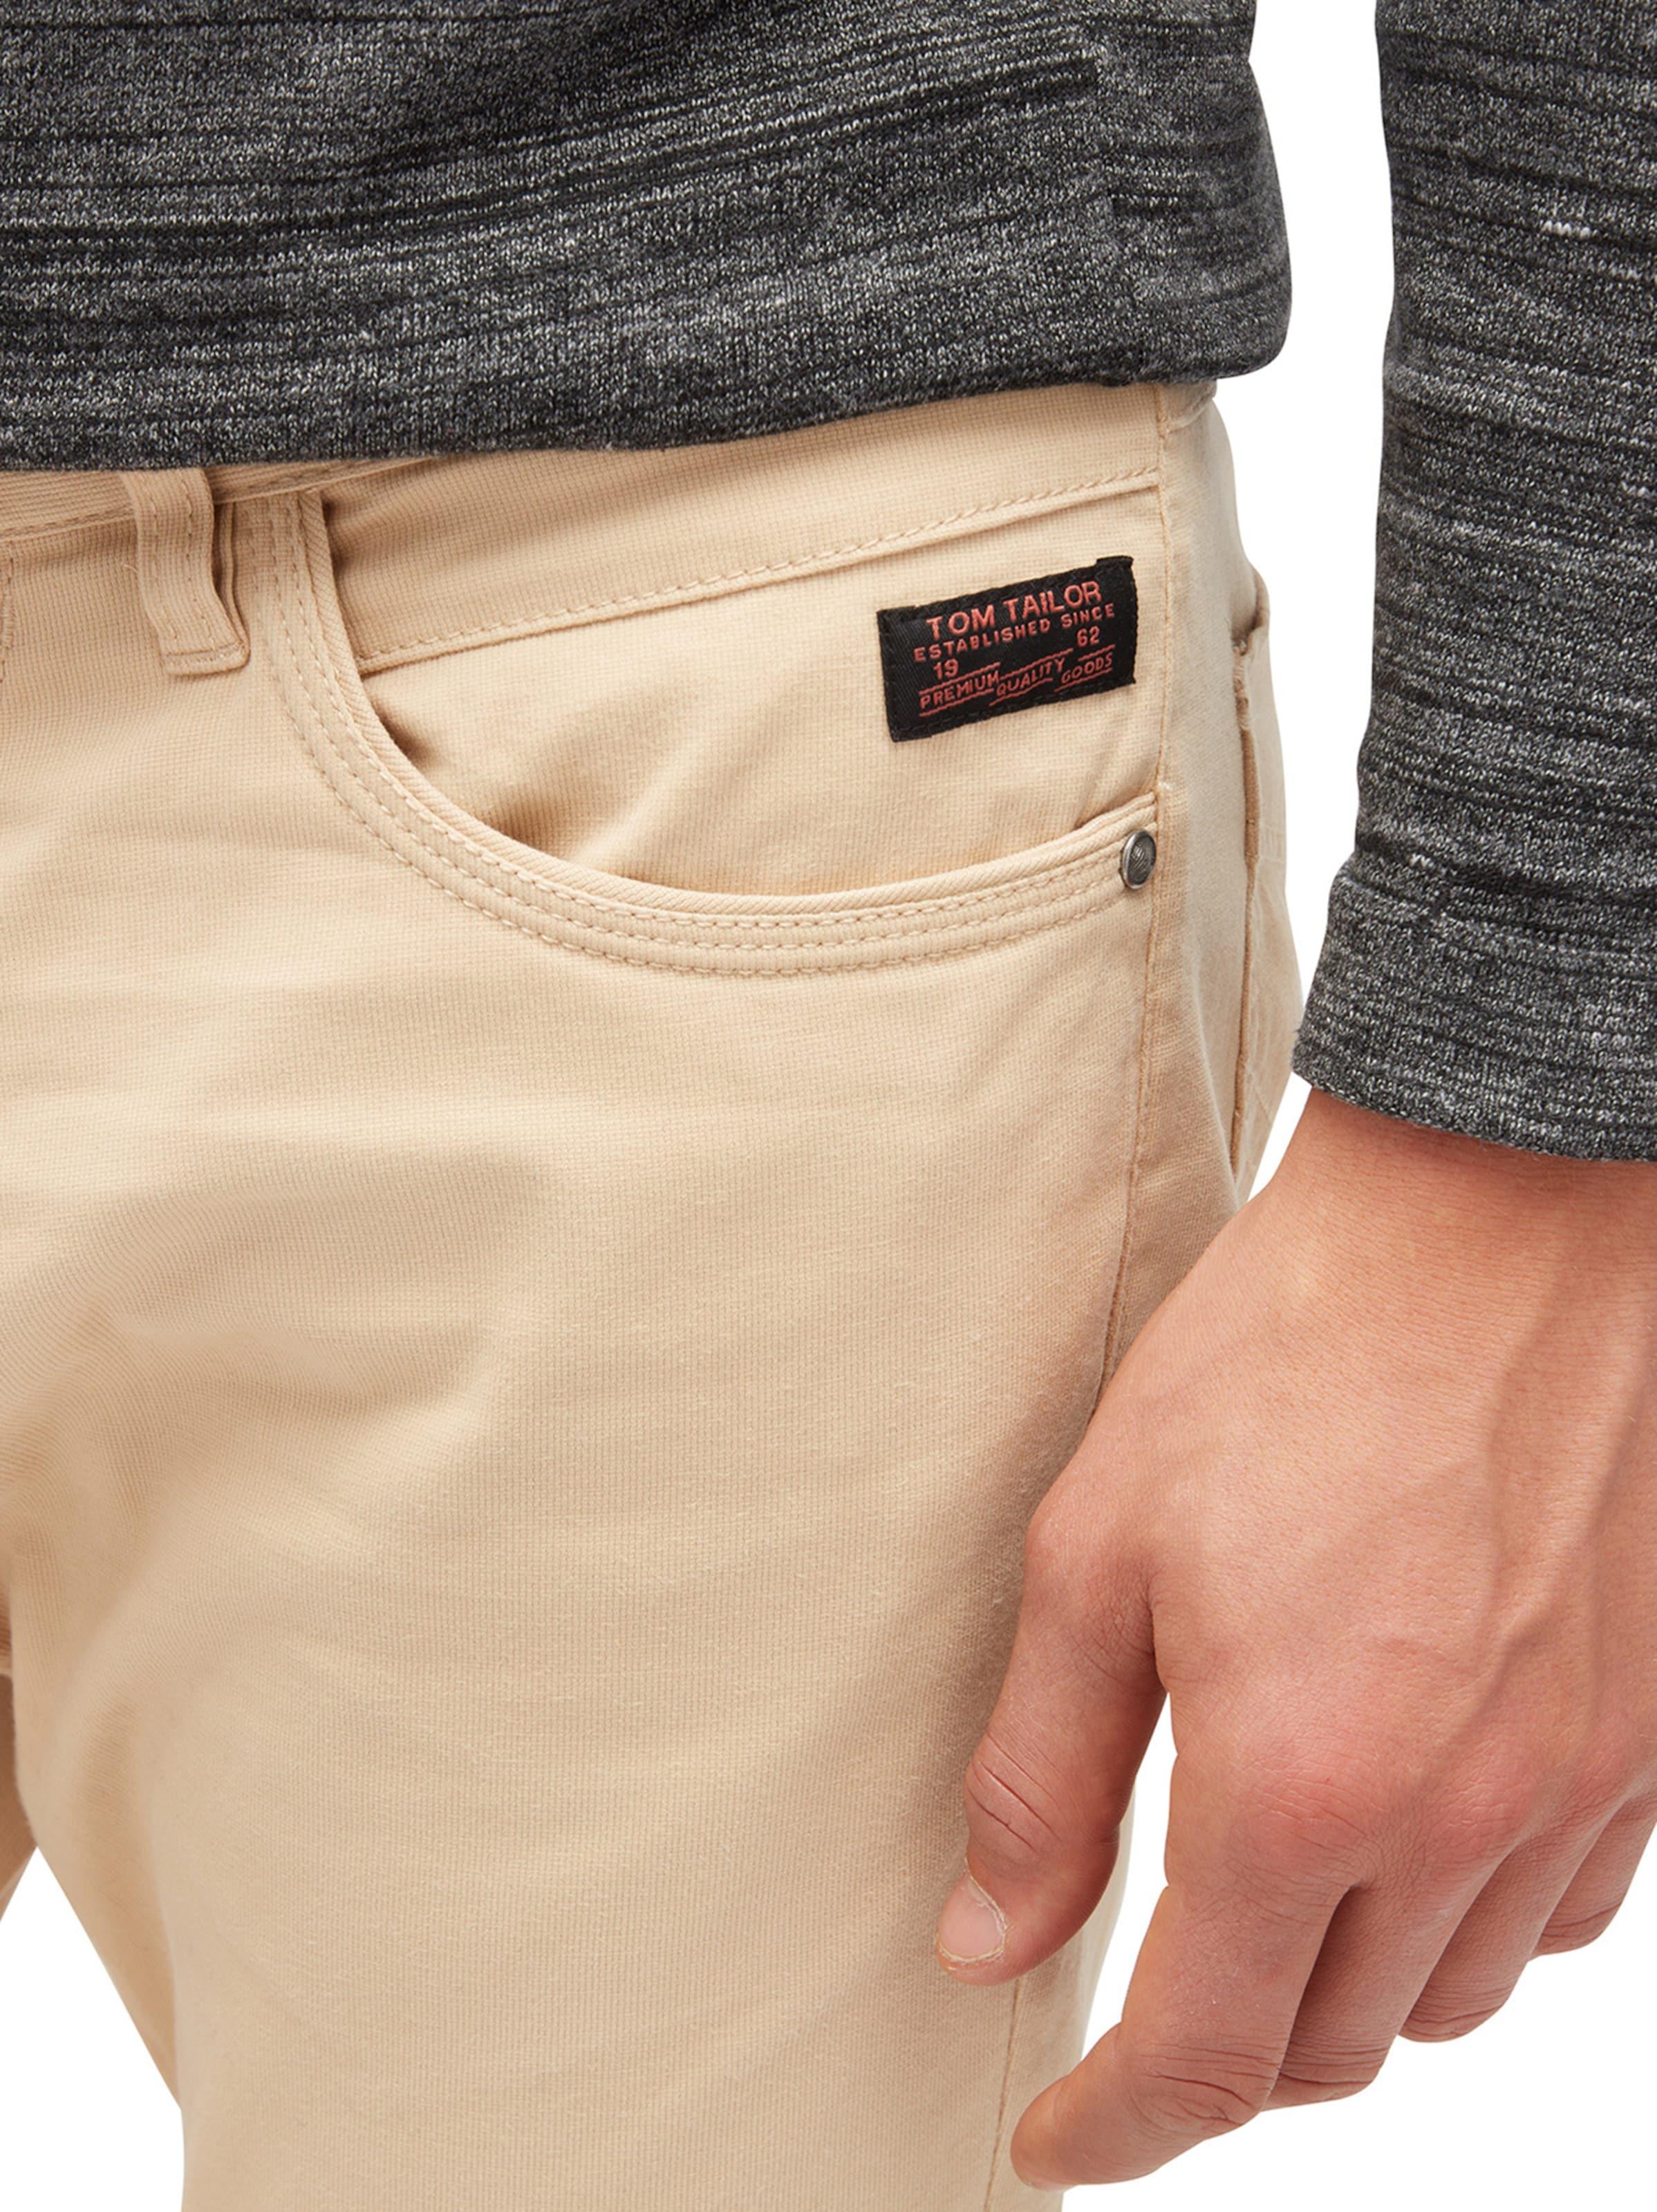 TOM TAILOR pants / trousers Josh Regular Slim Hose Günstige Top-Qualität B6eXTKUOw